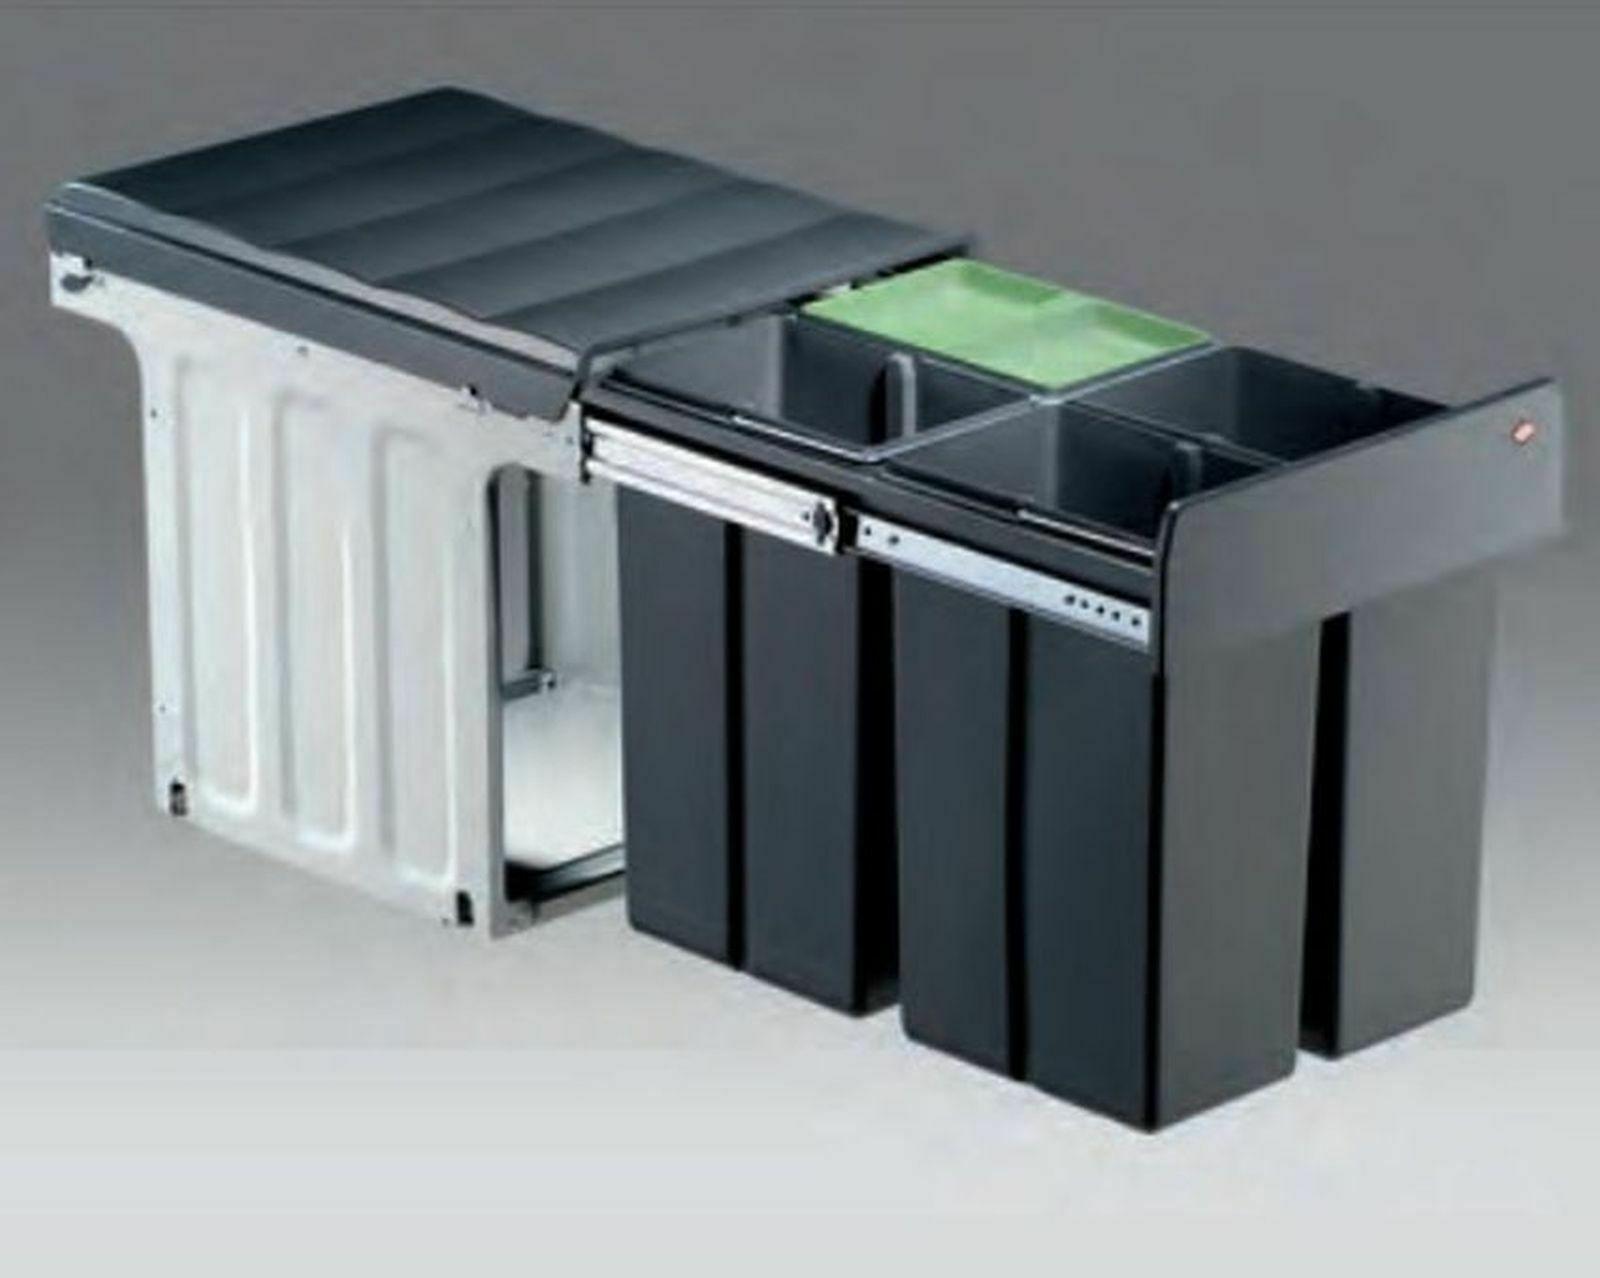 Wesco Küchen Mülleimer 4x10 Liter Mülltrennung 40 cm Schrank Müllsystem  *515660